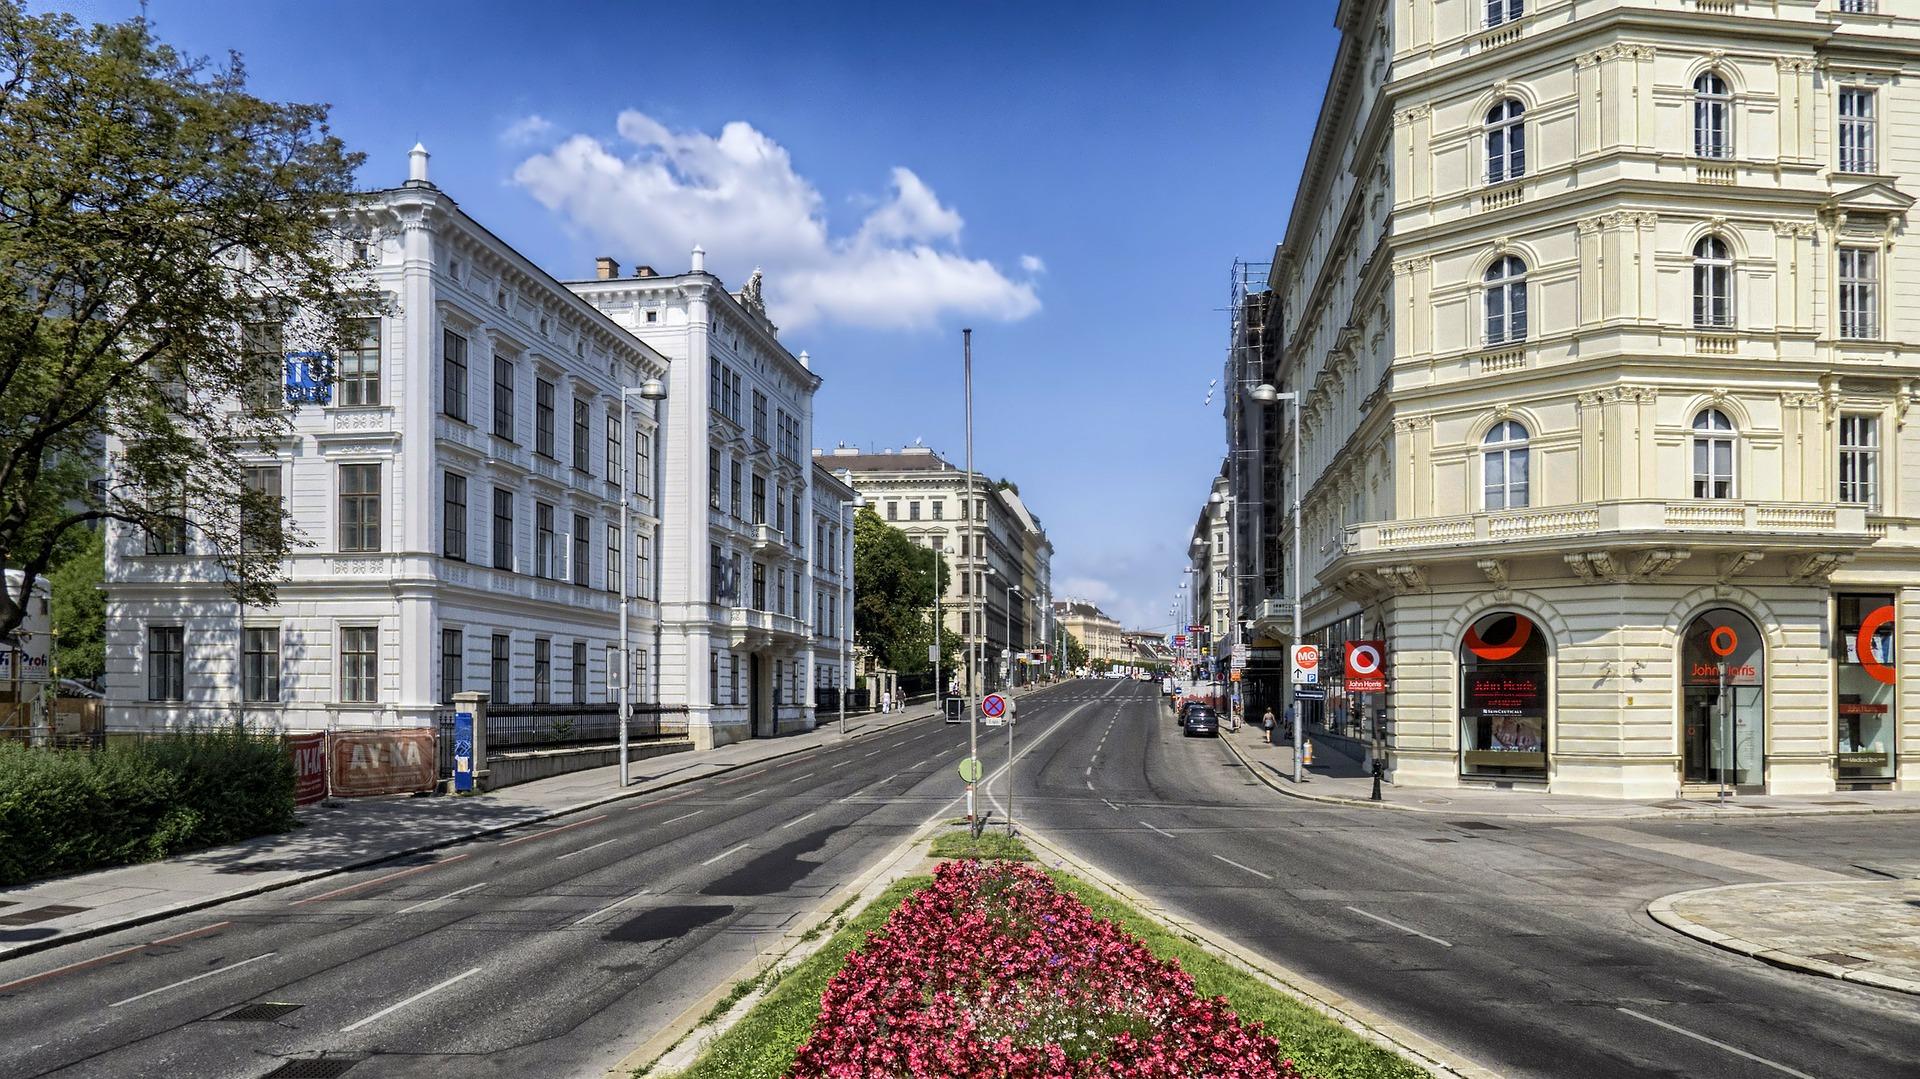 vienna-171444_1920.jpg